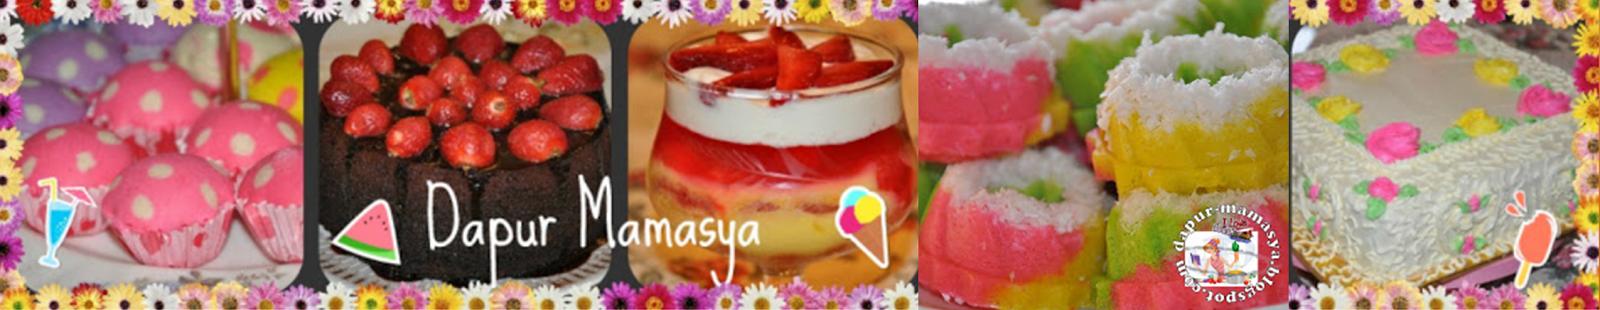 Dapur Mamasya